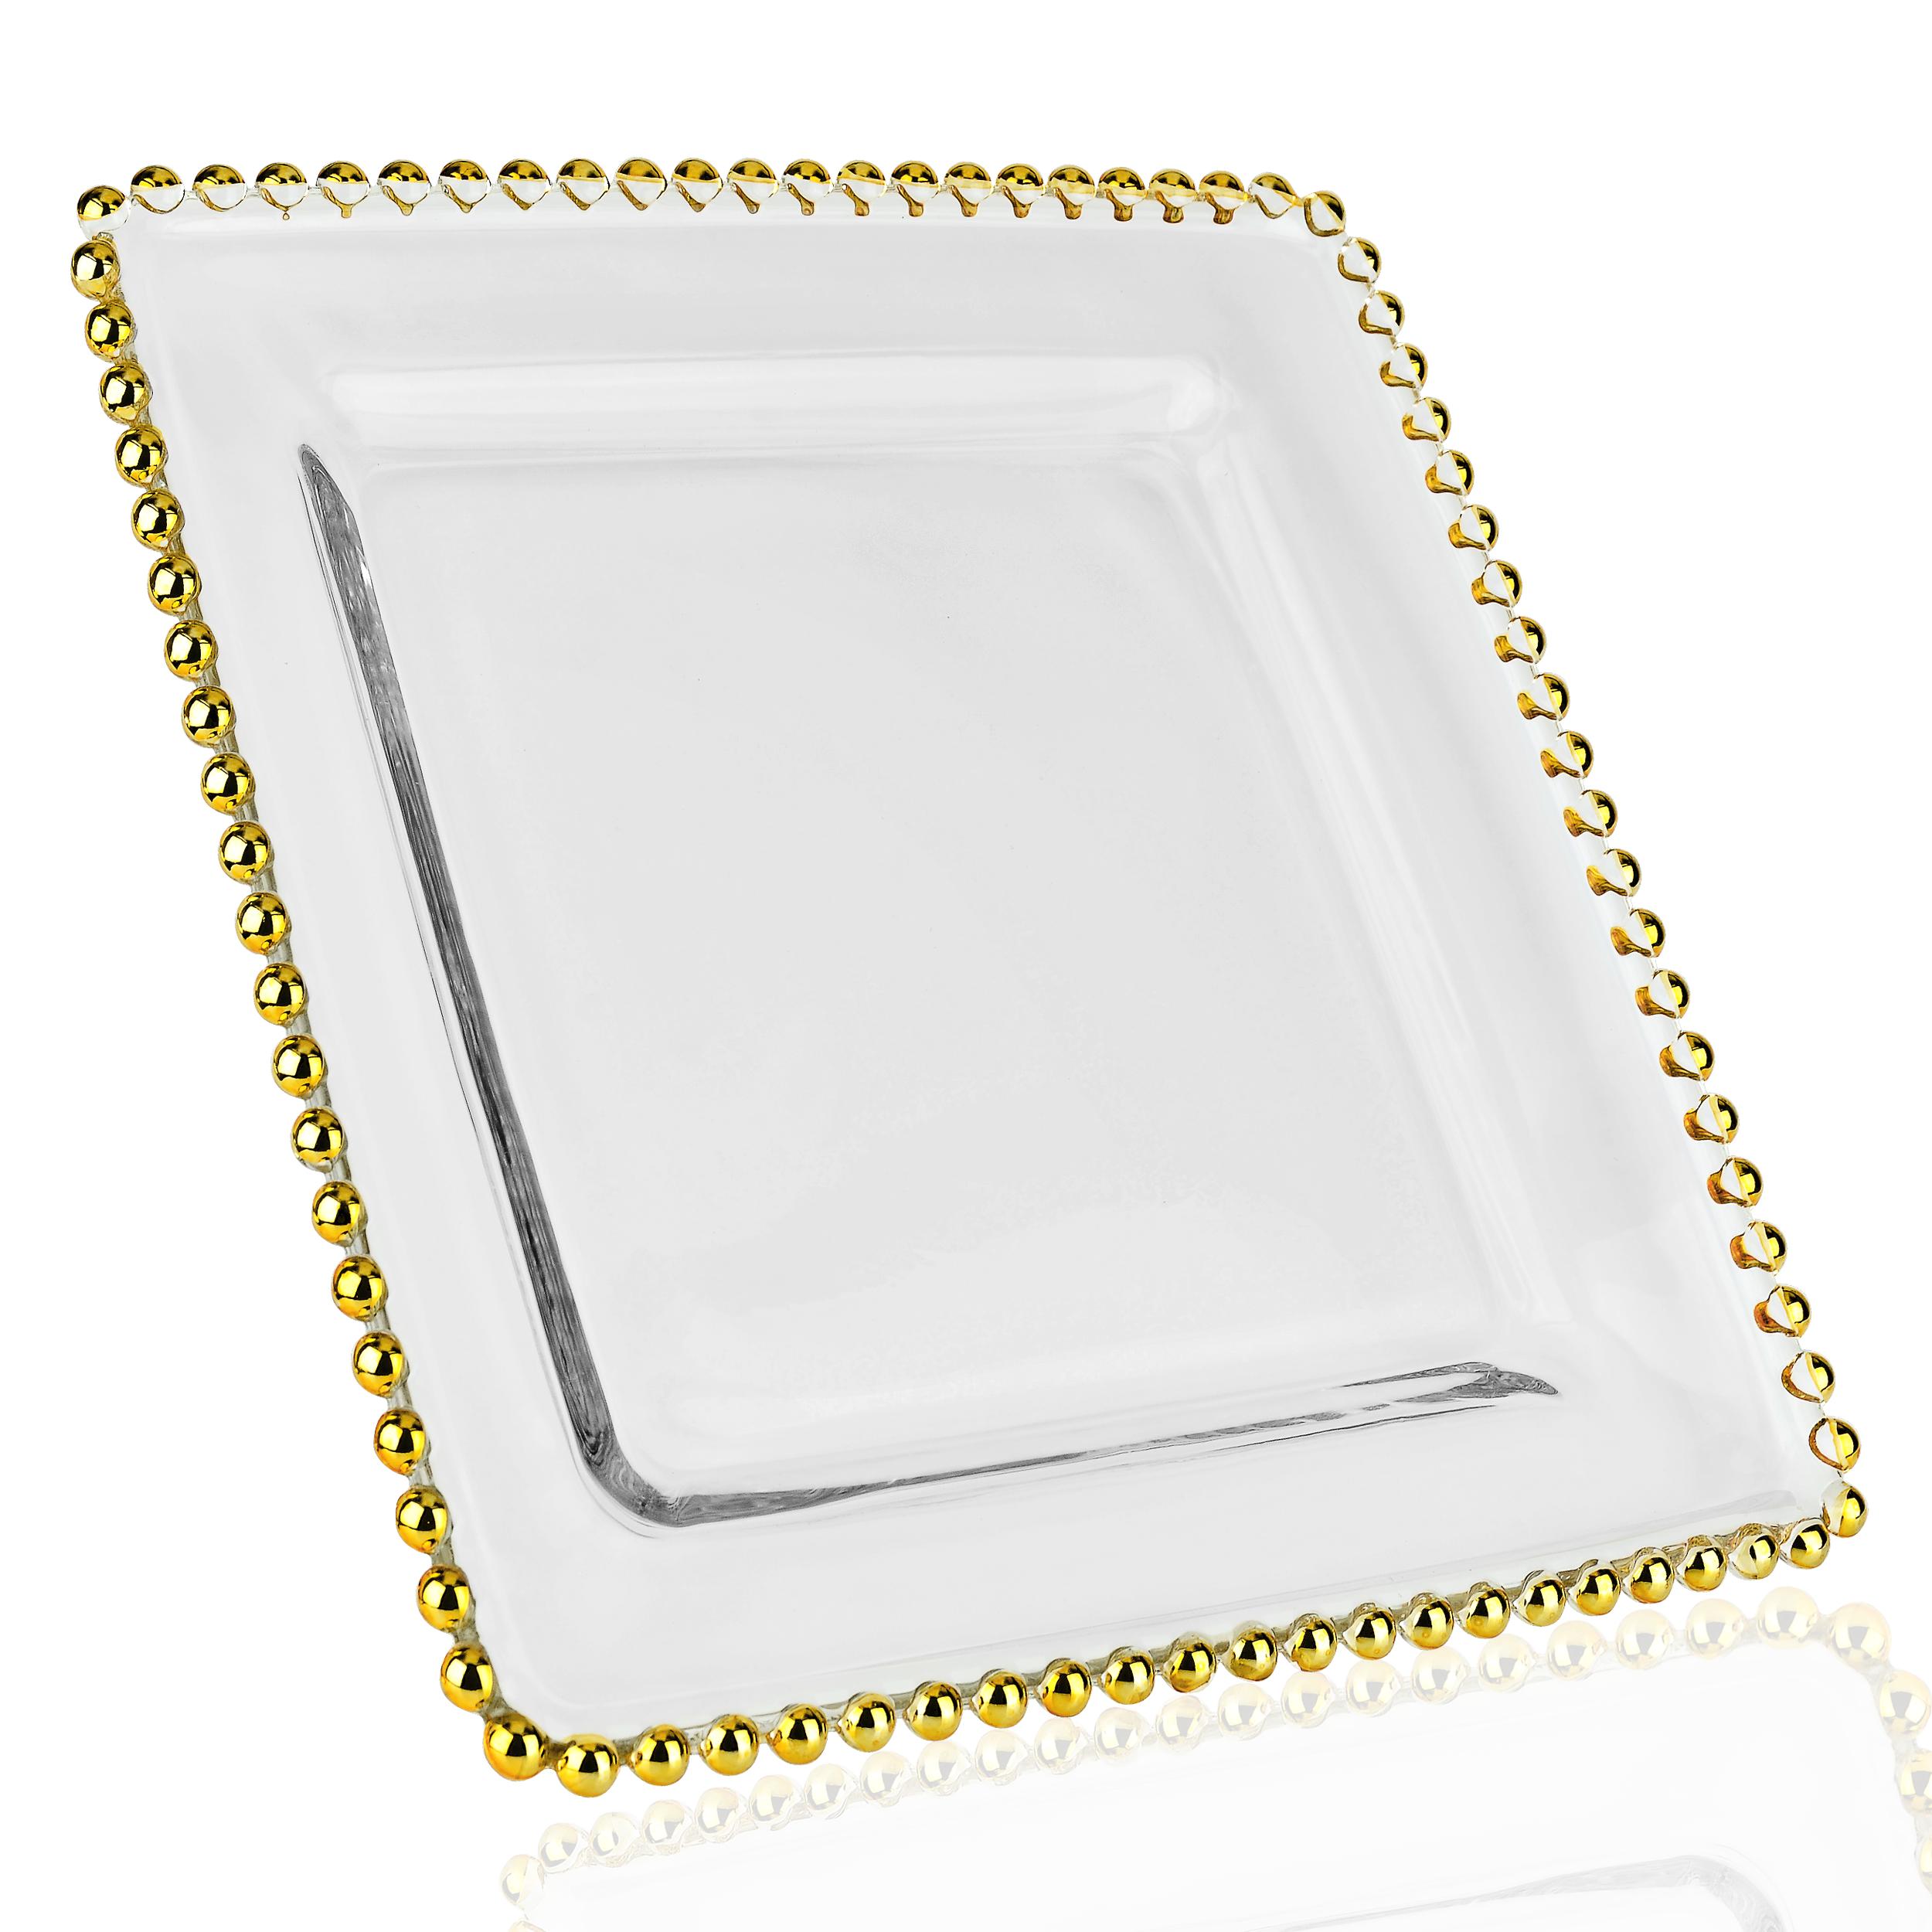 talerz przezroczysty kwadrat ze zlotem